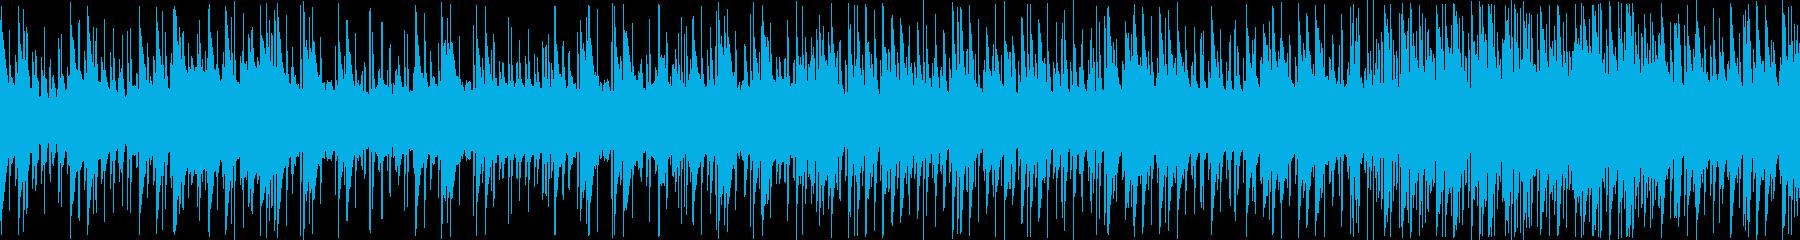 8bit スペースチックBGM ループ版の再生済みの波形